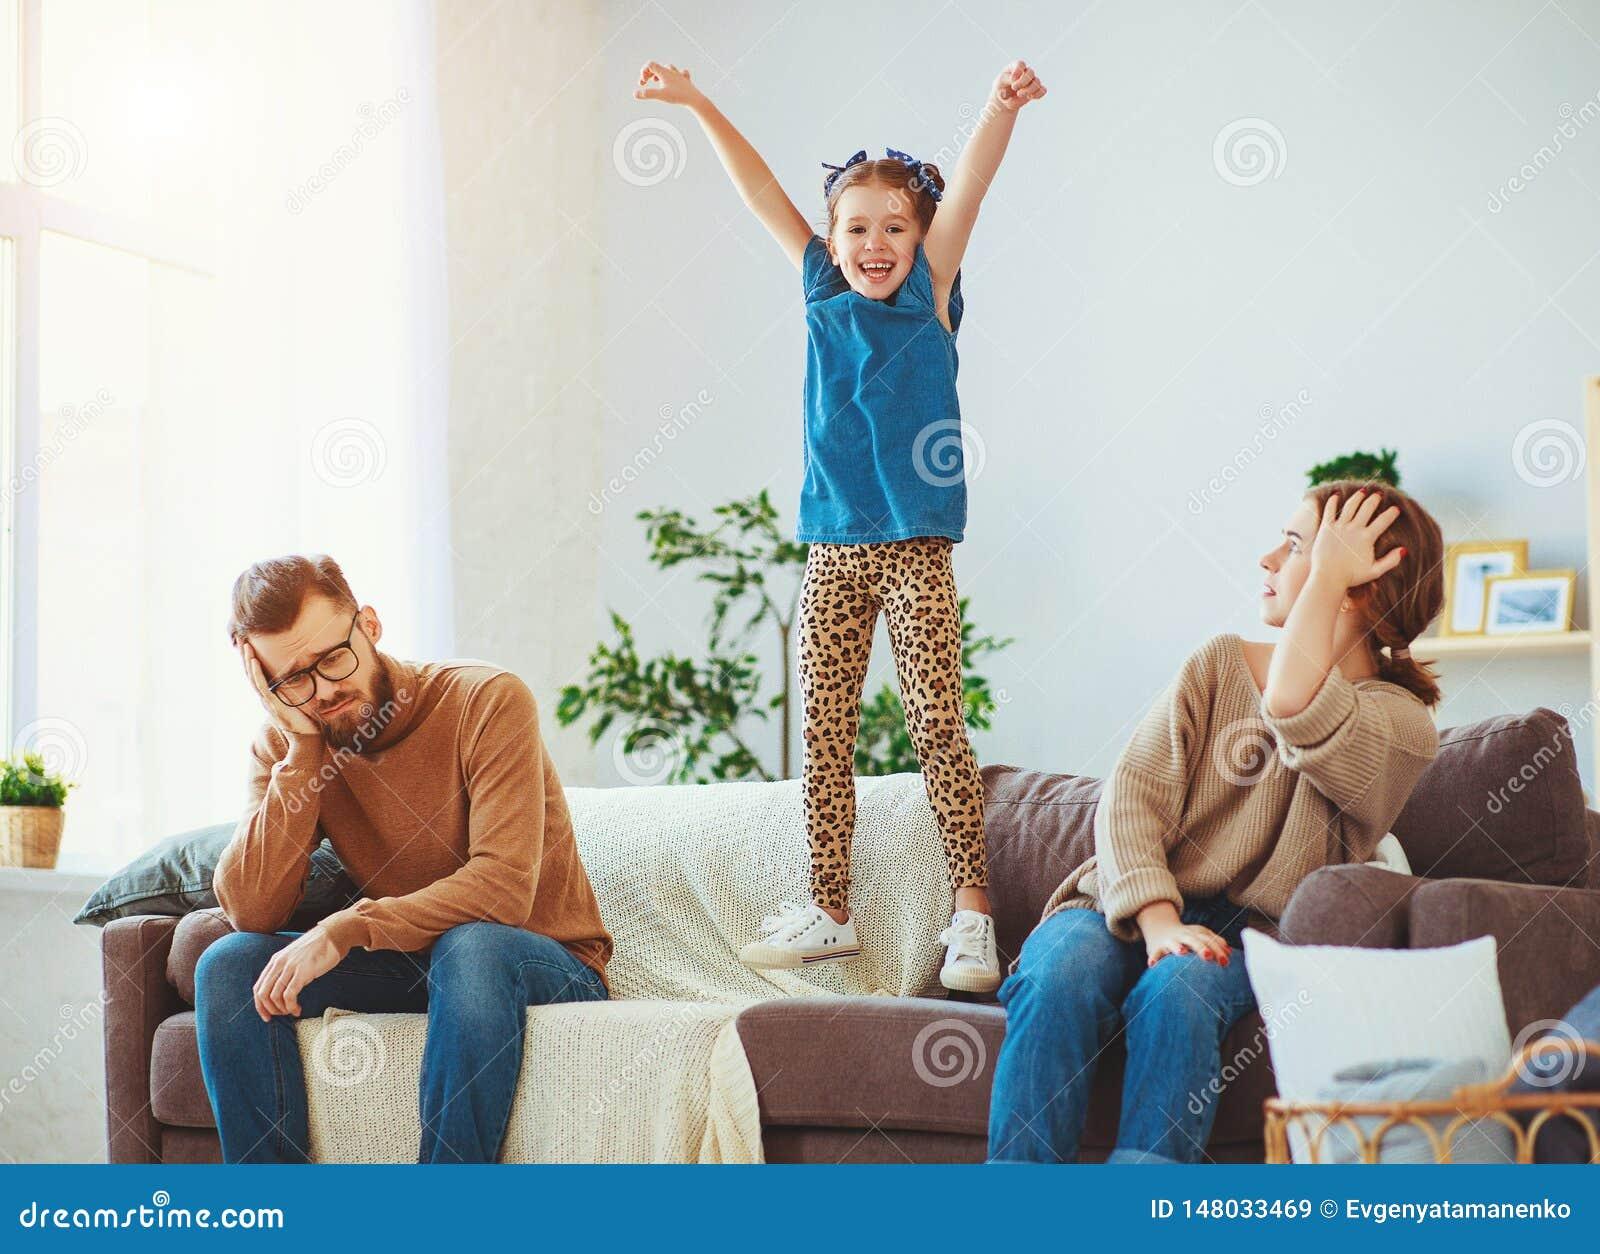 获得淘气,恶作剧,儿童的女孩跳,笑和乐趣,父母强调说与头疼